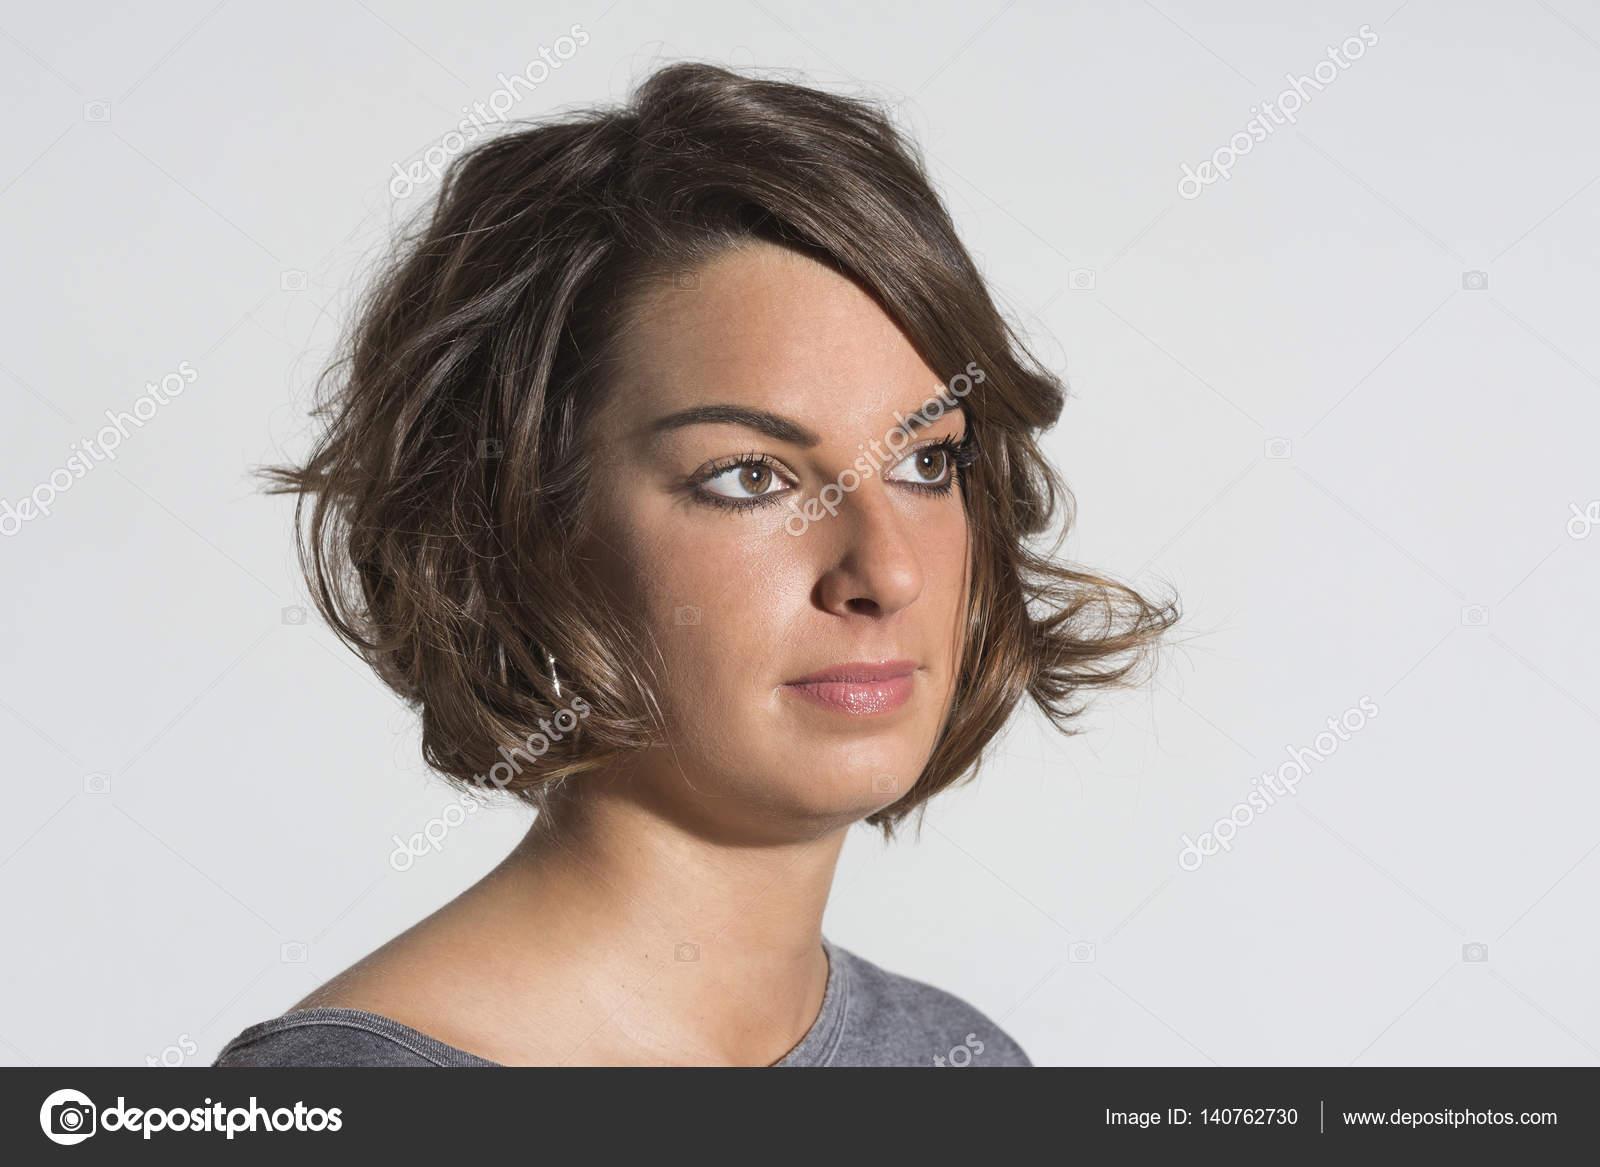 Meine Neue Frisur — Stockfoto © Tinieder #140762730